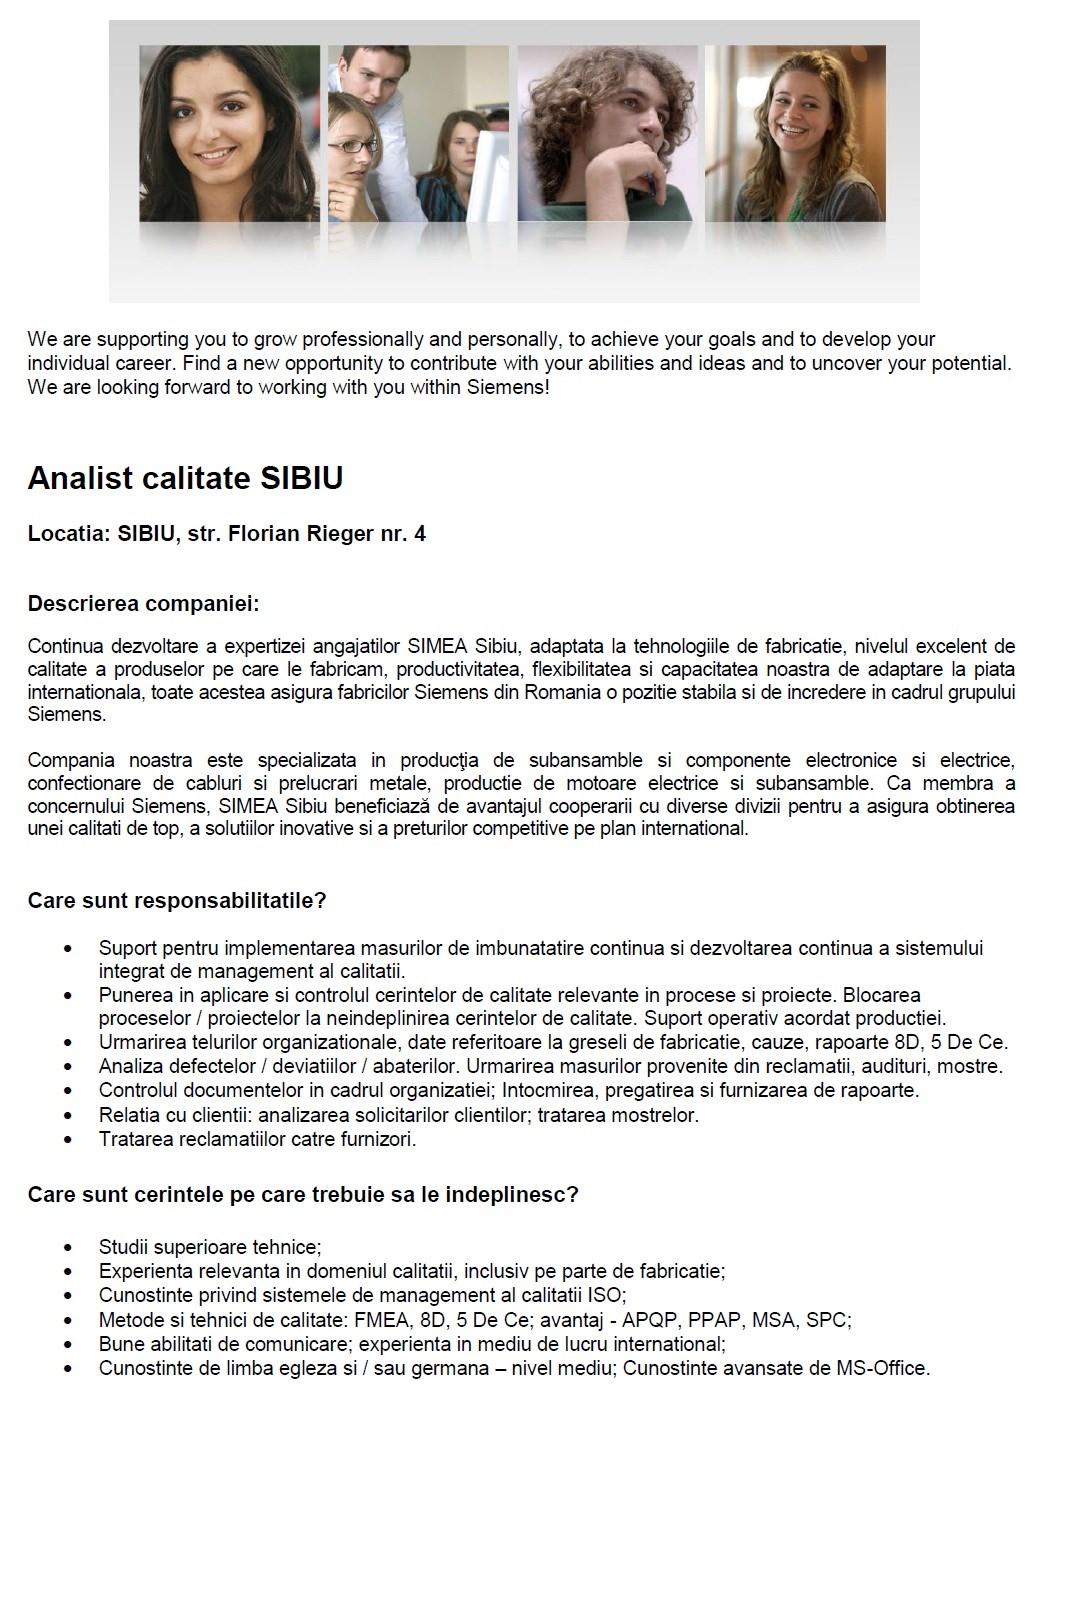 JD Analist calitate_Simea Sibiu_PL